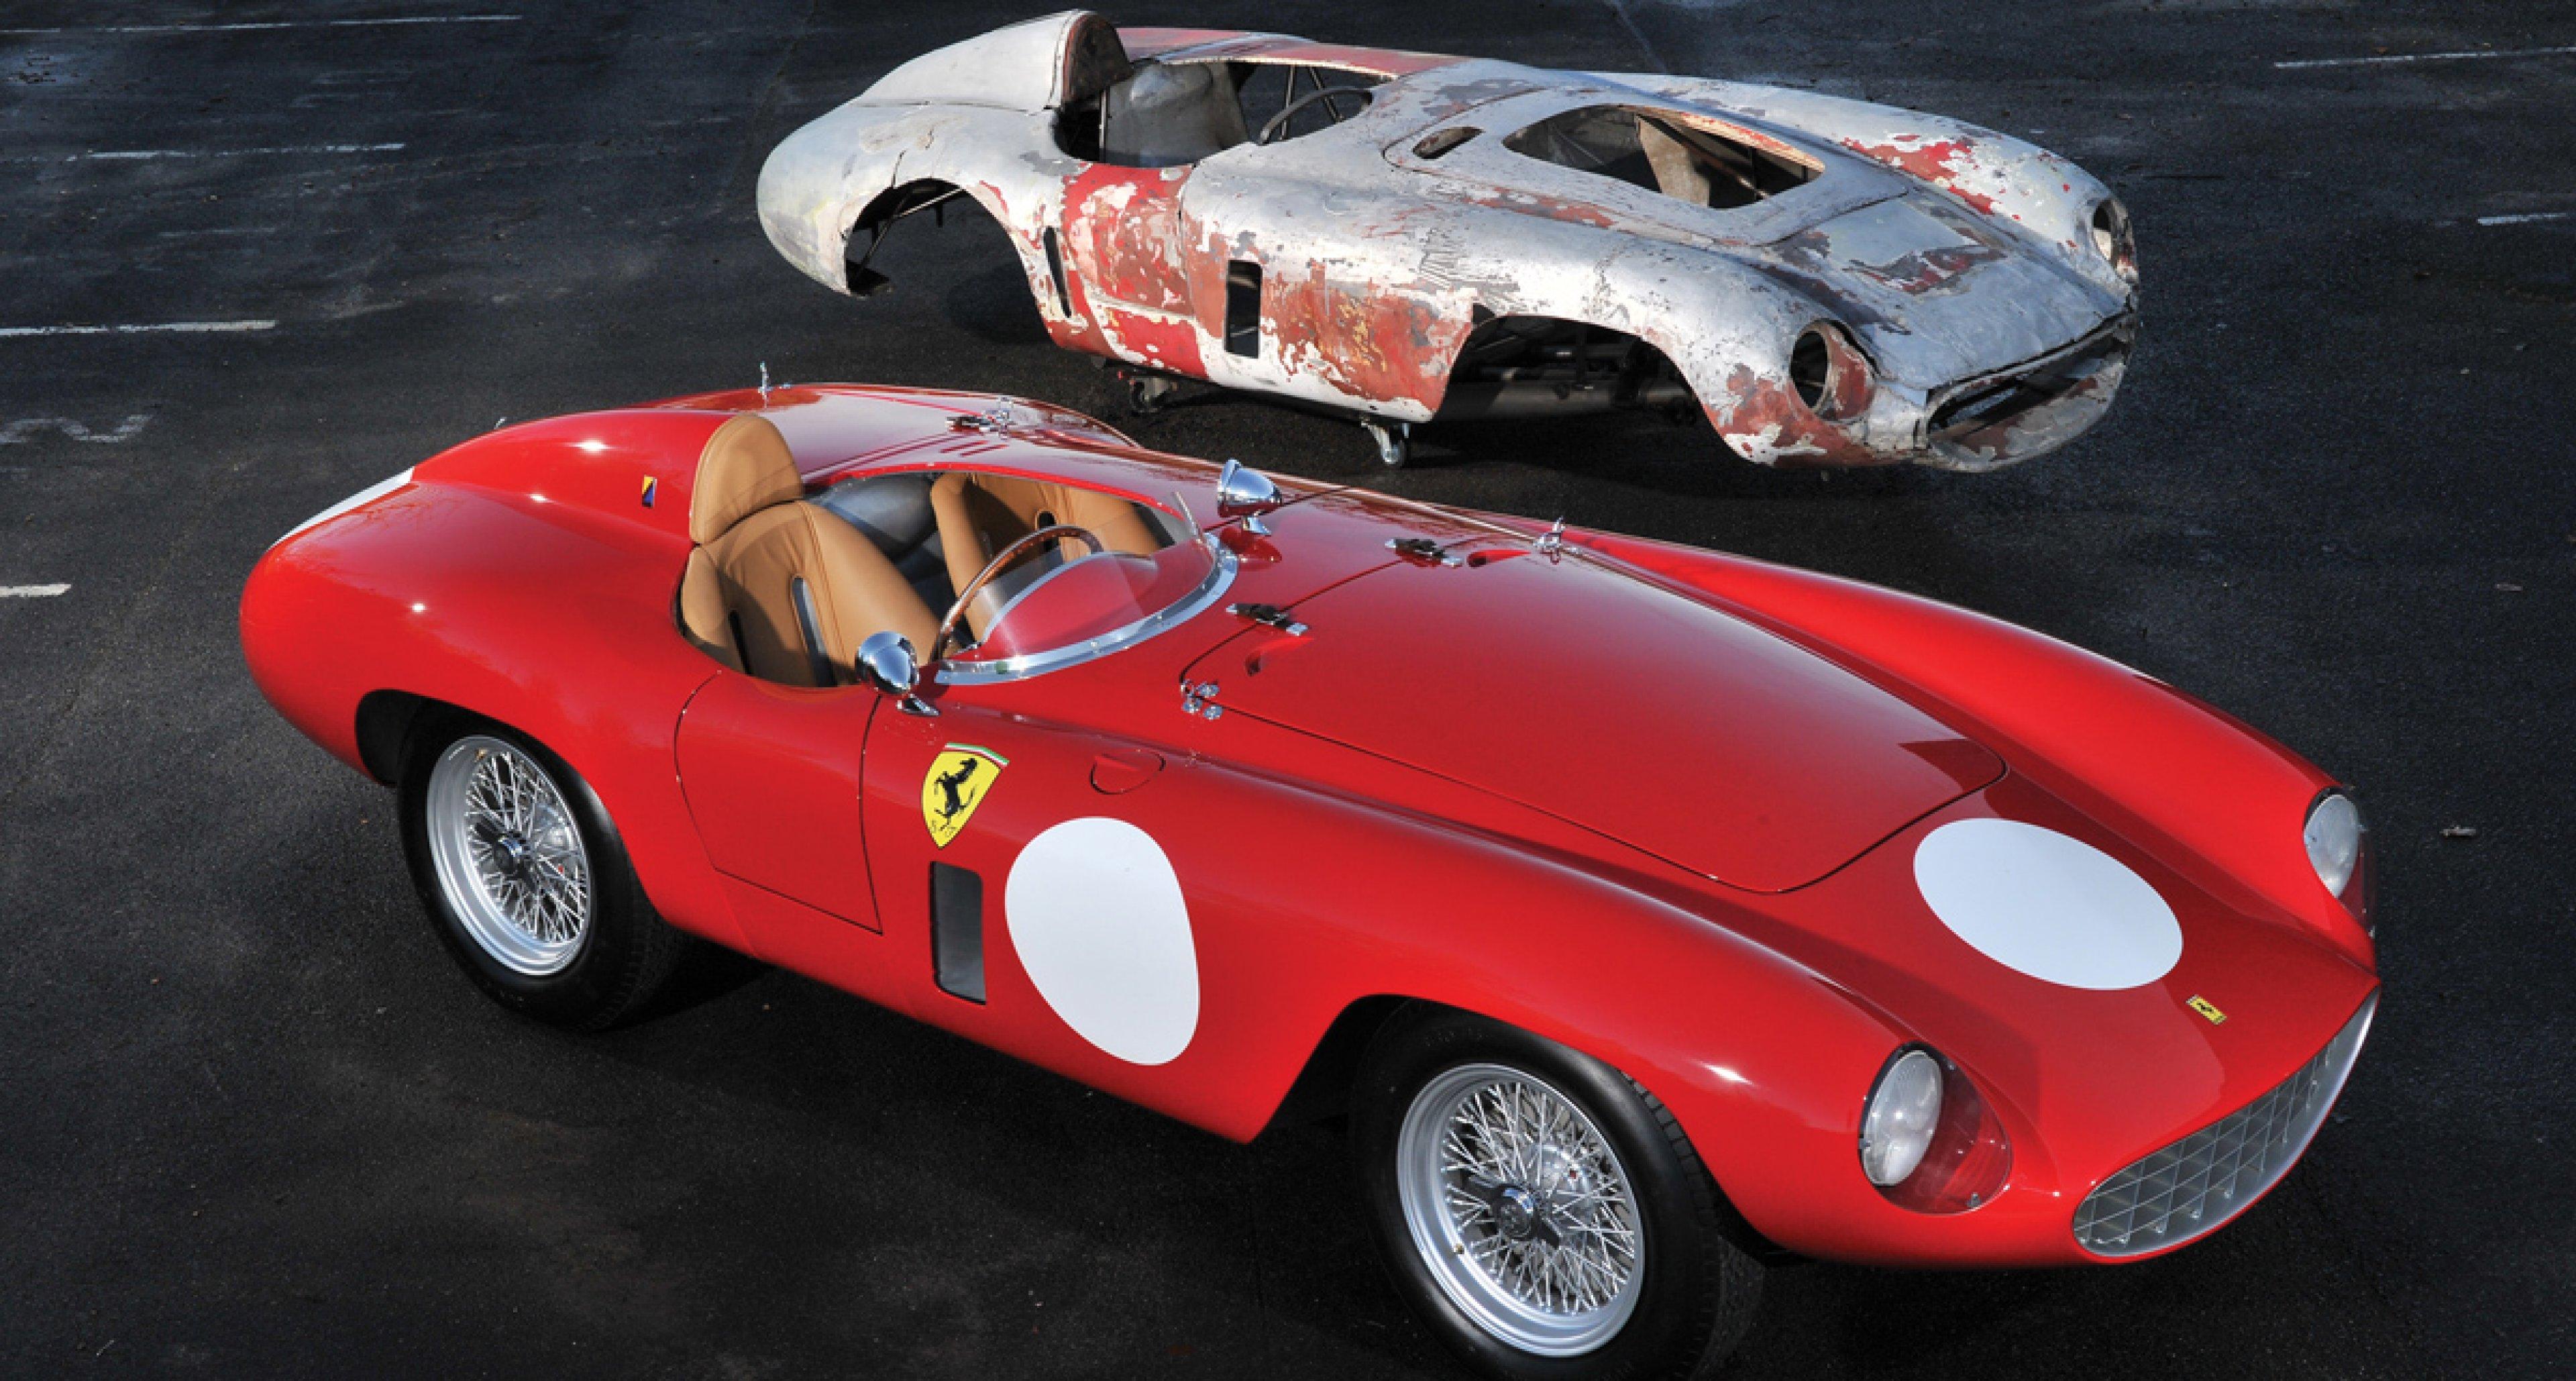 Lot 27: 1955 Ferrari 750 Monza Spider by Scaglietti € 1.800.000 - 2.100.000